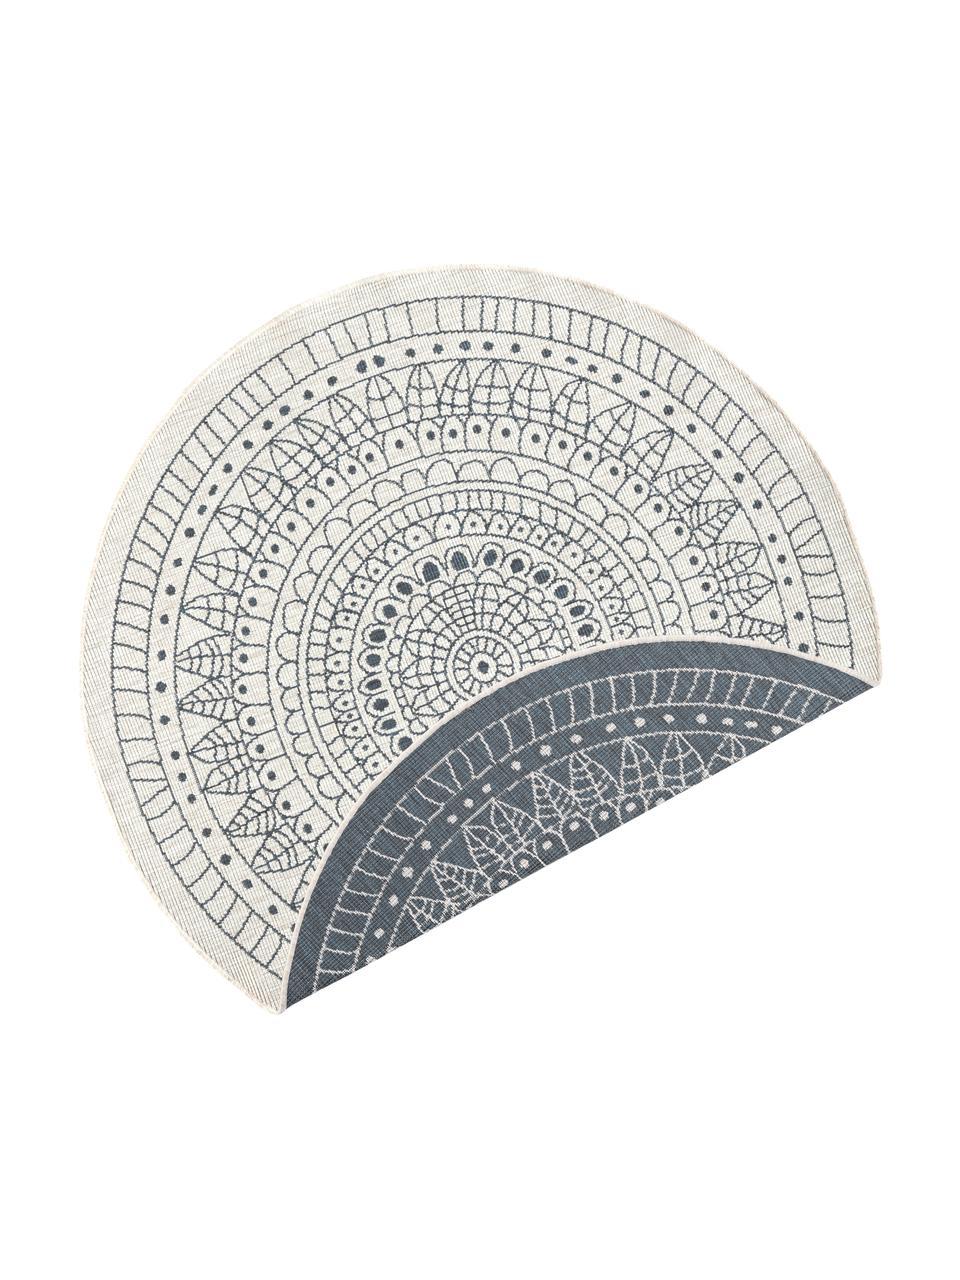 Okrągły dwustronny dywan wewnętrzny/zewnętrzny Porto, Szary, odcienie kremowego, Ø 140 cm (Rozmiar M)